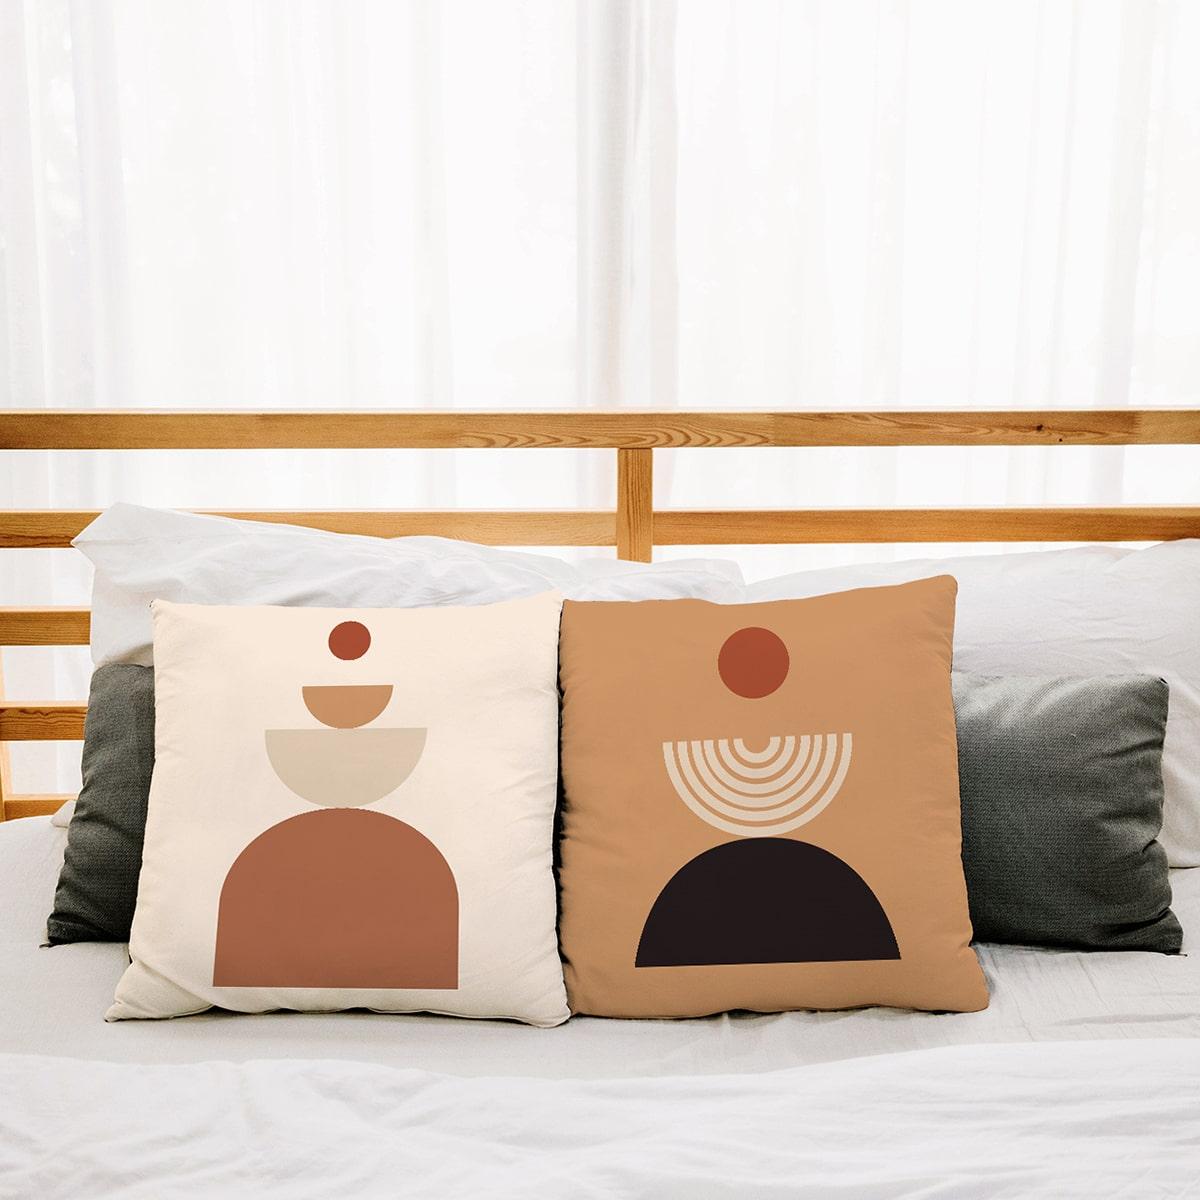 1шт Чехол для подушки с графическим принтом без наполнителя фото